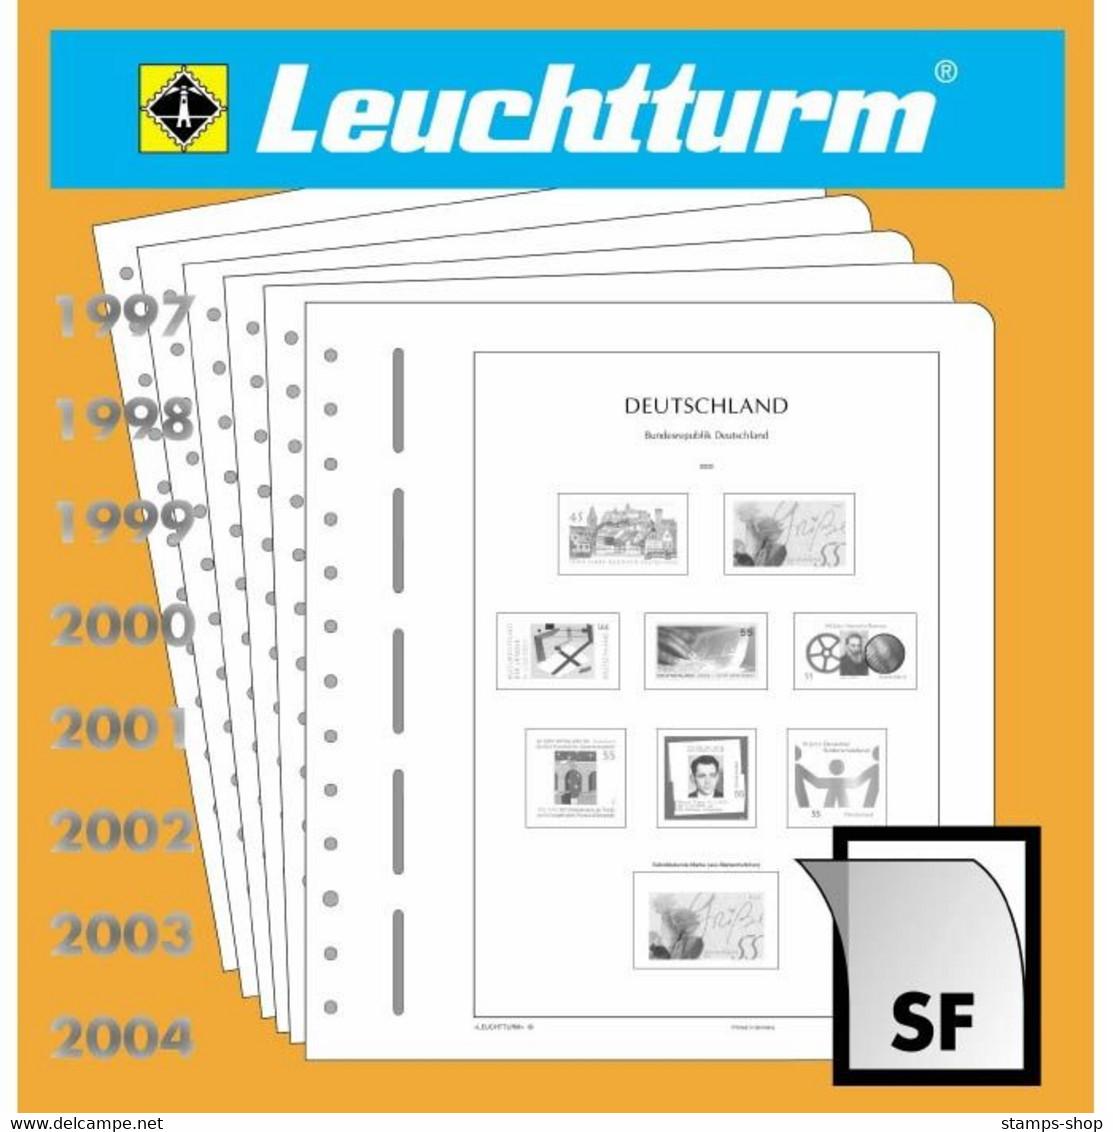 Leuchtturm Nachtrag Deutschland Waagerechte Paare 2003 SF Mit Taschen Neu - Pre-printed Pages